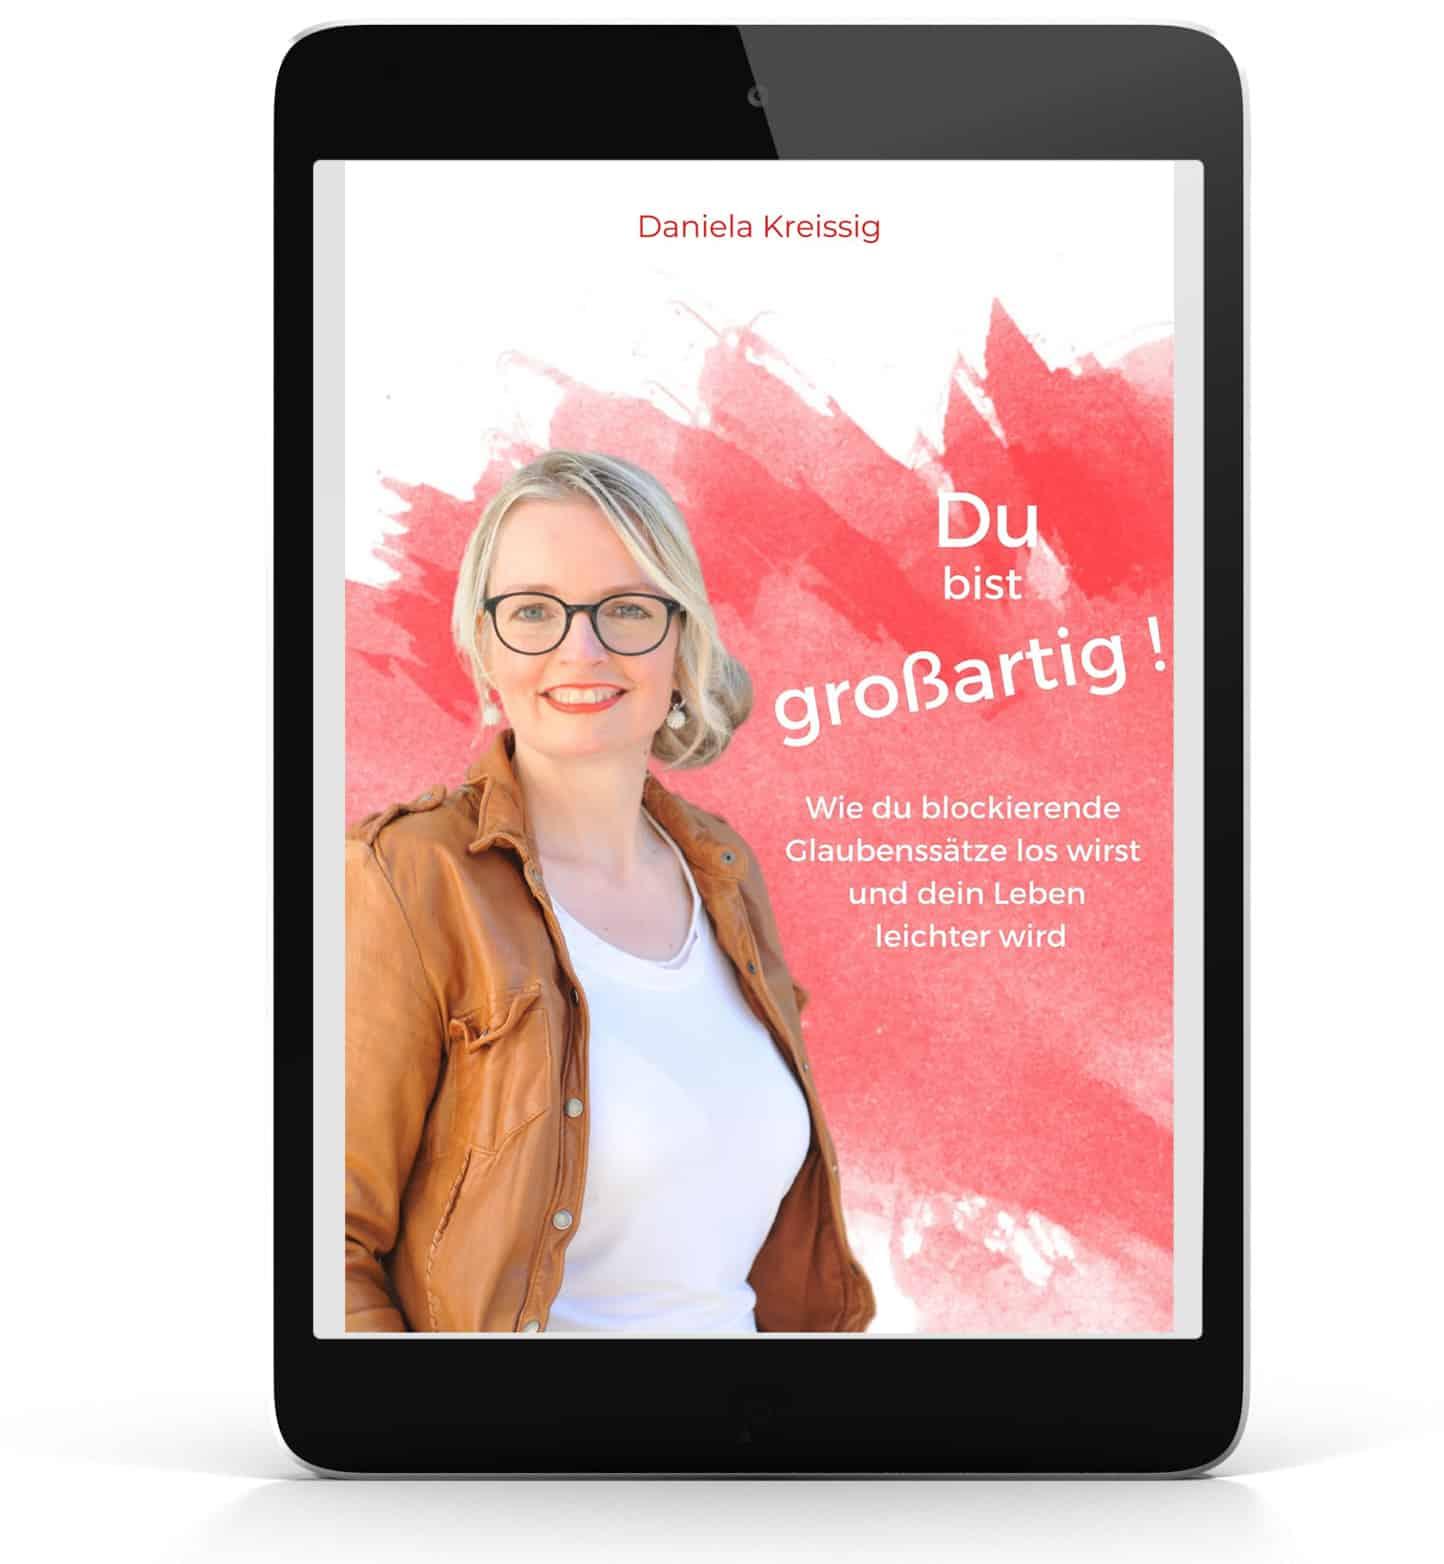 https://danielakreissig.de/wp-content/uploads/2020/11/EBook_Cover-Kopie-1.jpg